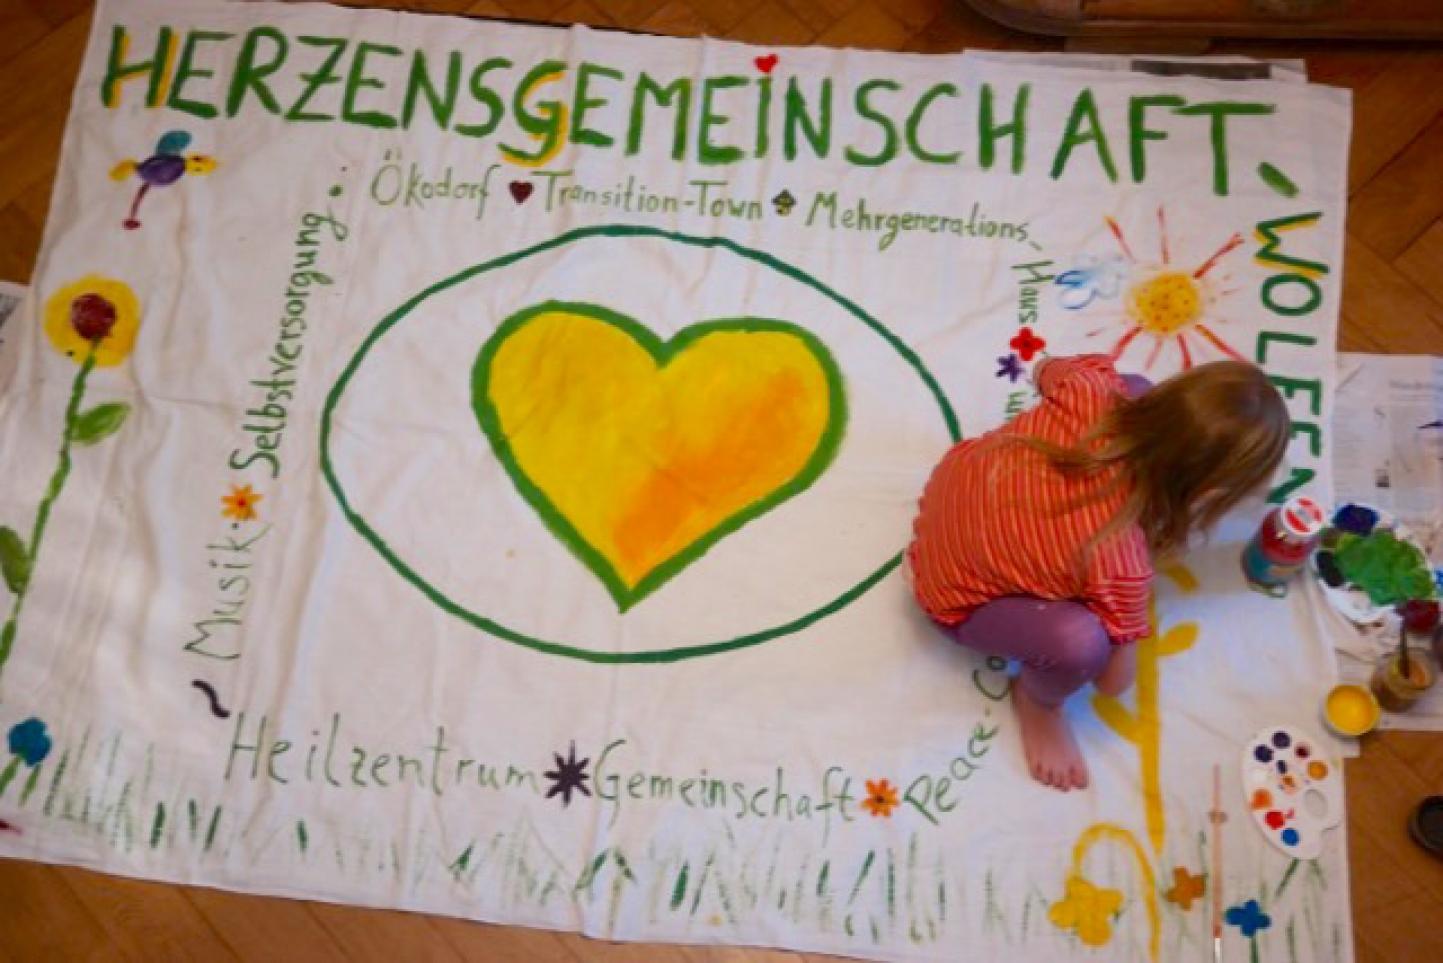 Foto: Herzensgemeinschaft-Wolfen